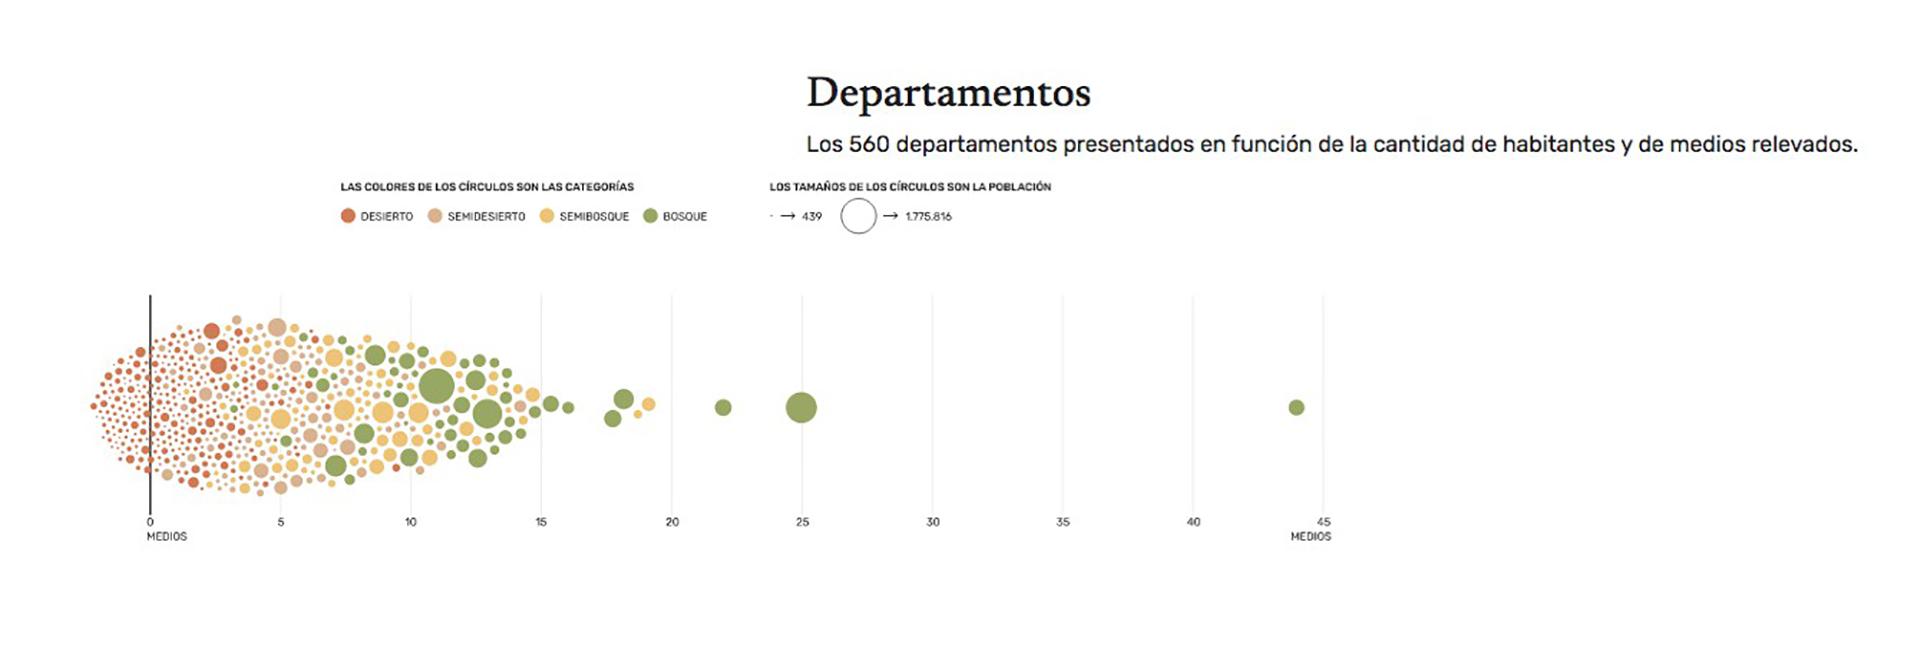 El gráfico muestra las distintas categorías sobre la situación del periodismo local en los 560 departamento del país relevados.